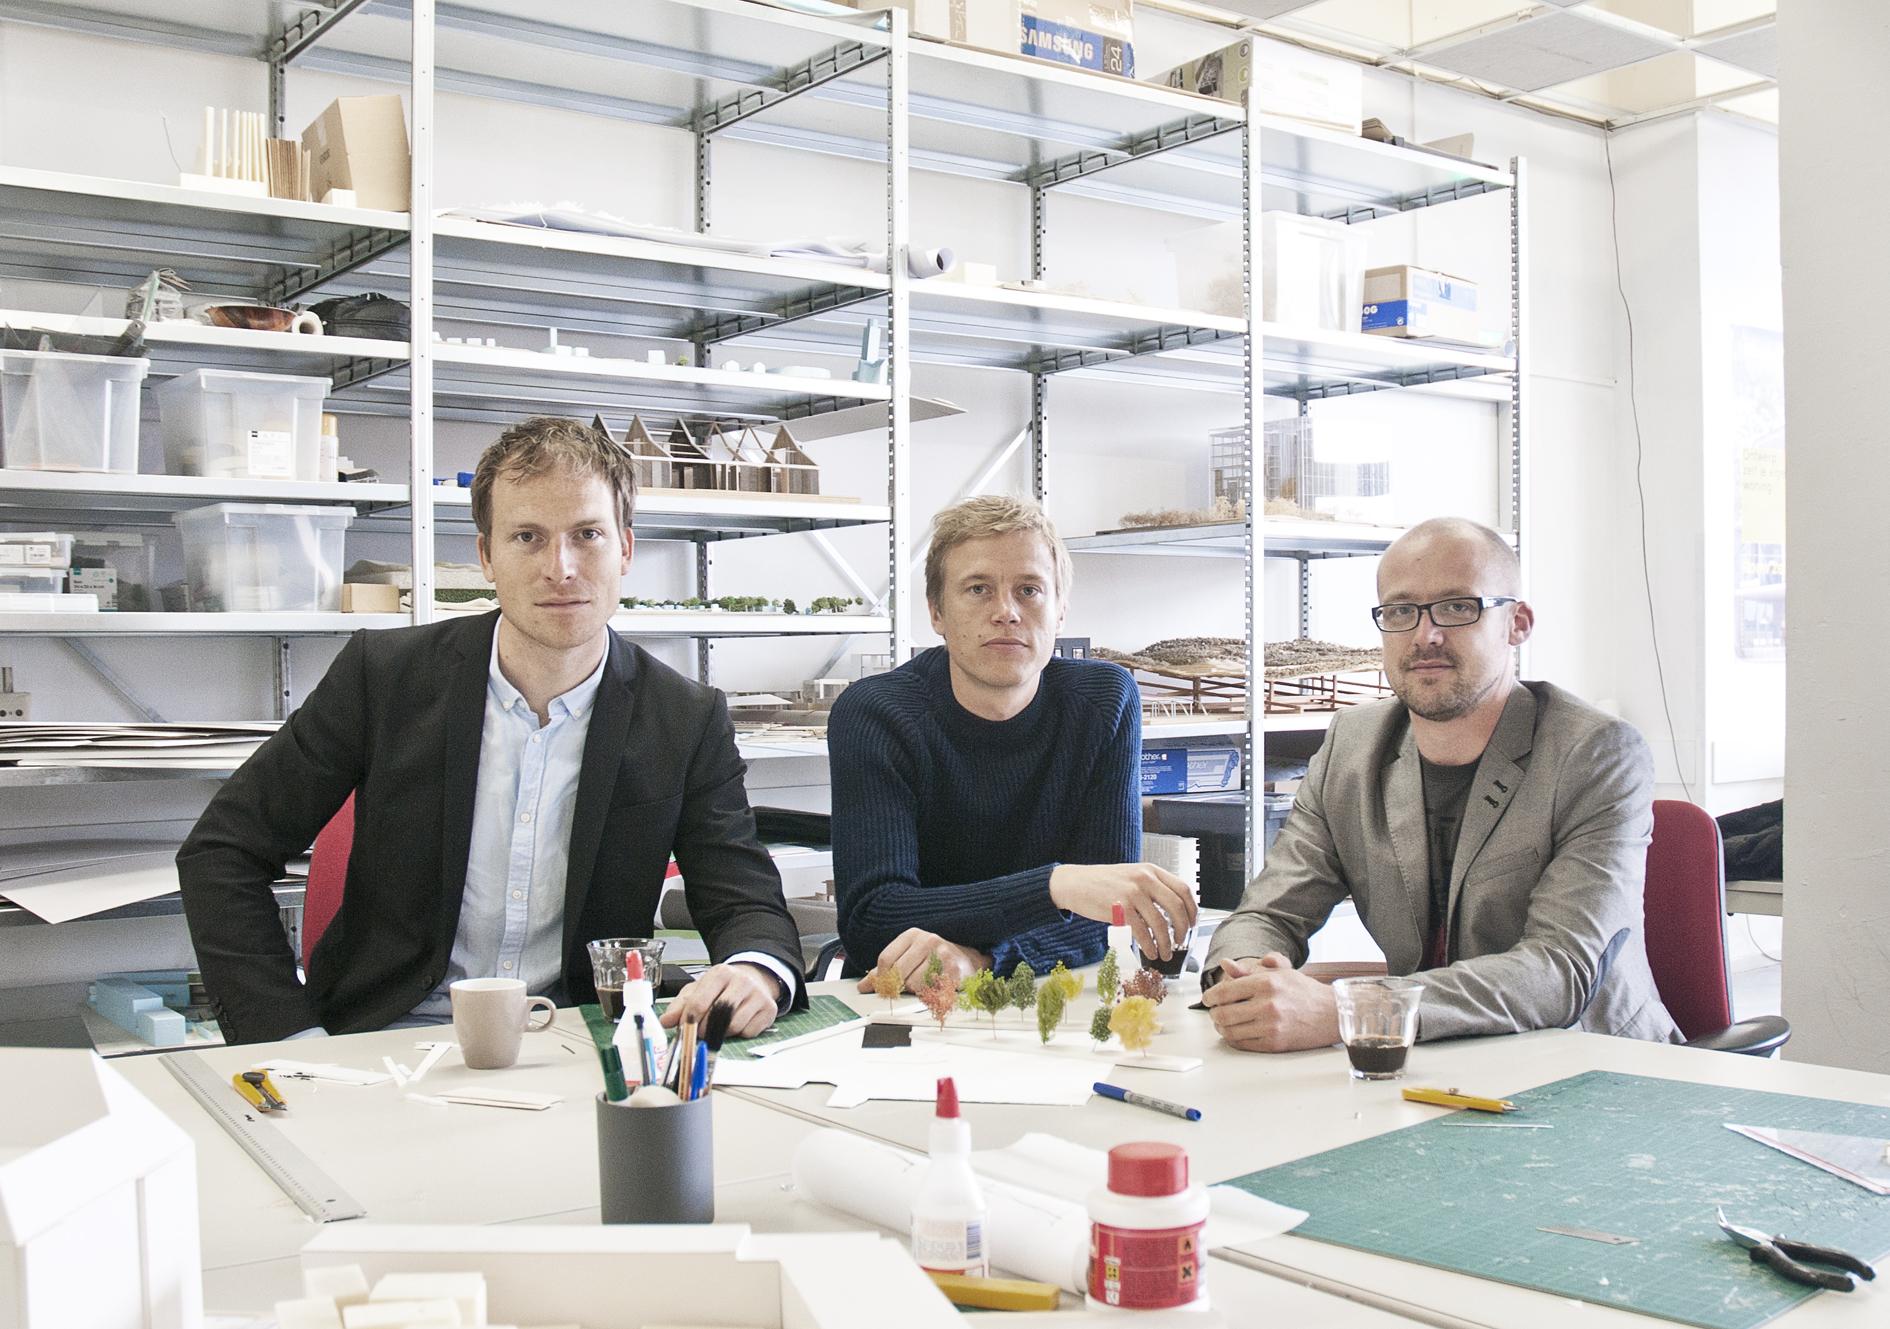 LOLA:  Cees van der Veeken, Peter Veenstra, Eric-Jan Pleijster